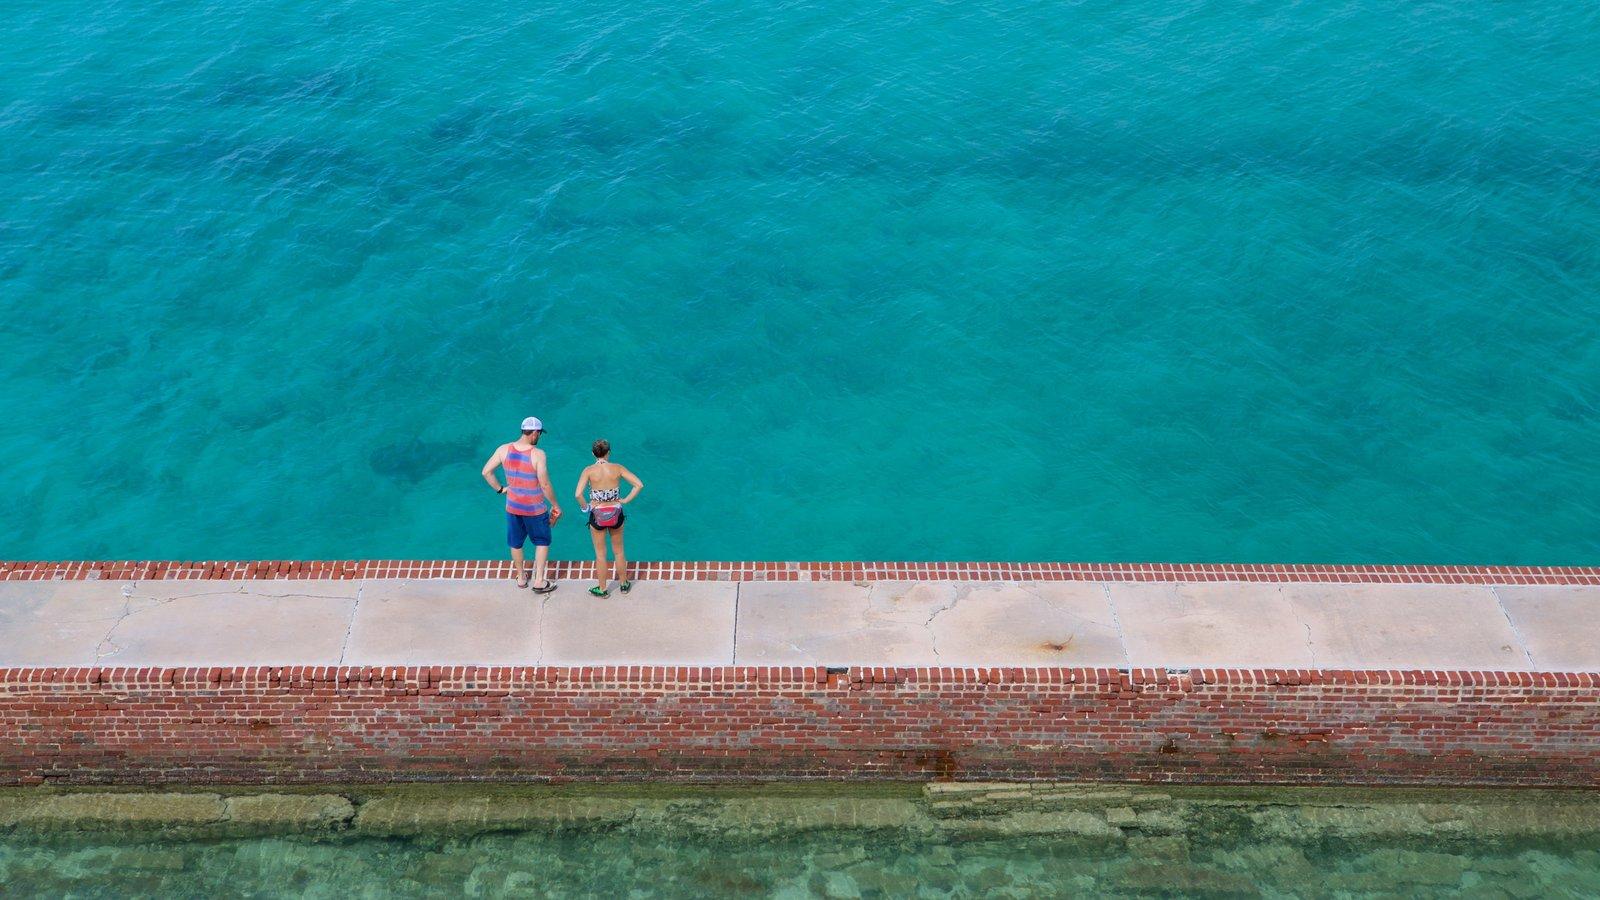 Flórida Keys que inclui paisagens litorâneas assim como um casal